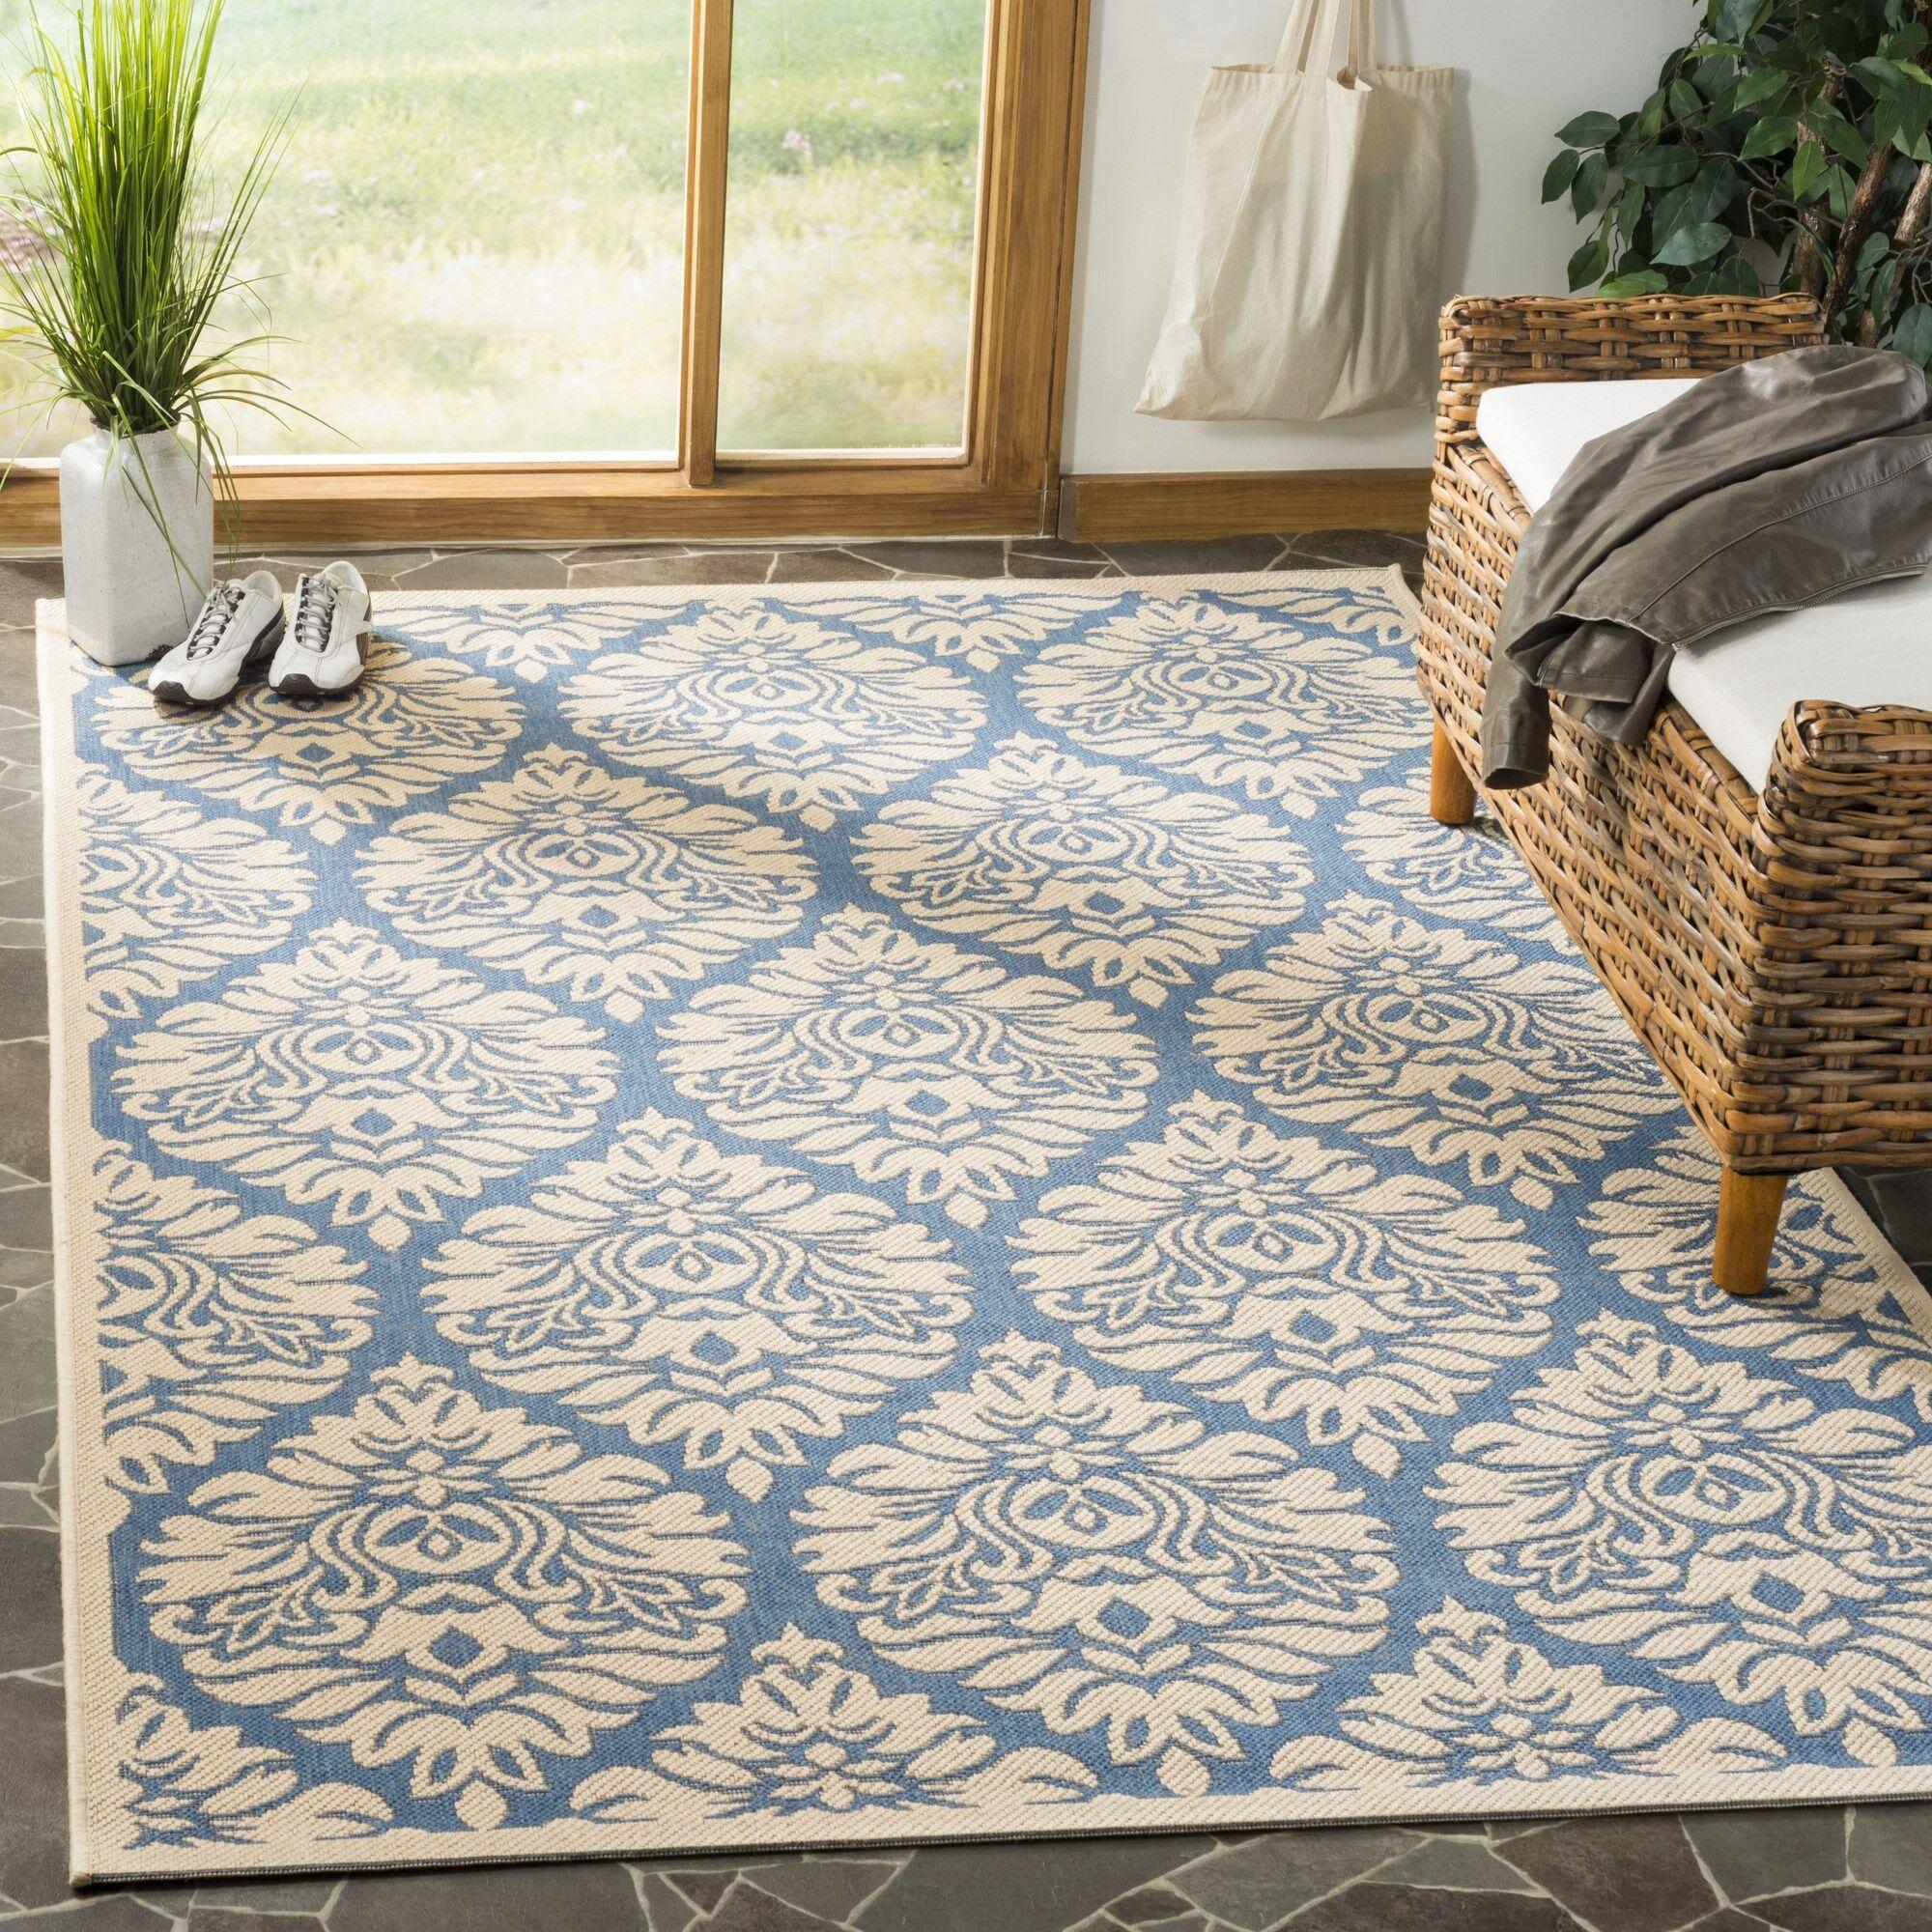 Berardi Blue/Cream Area Rug Rug Size: Square 6'7